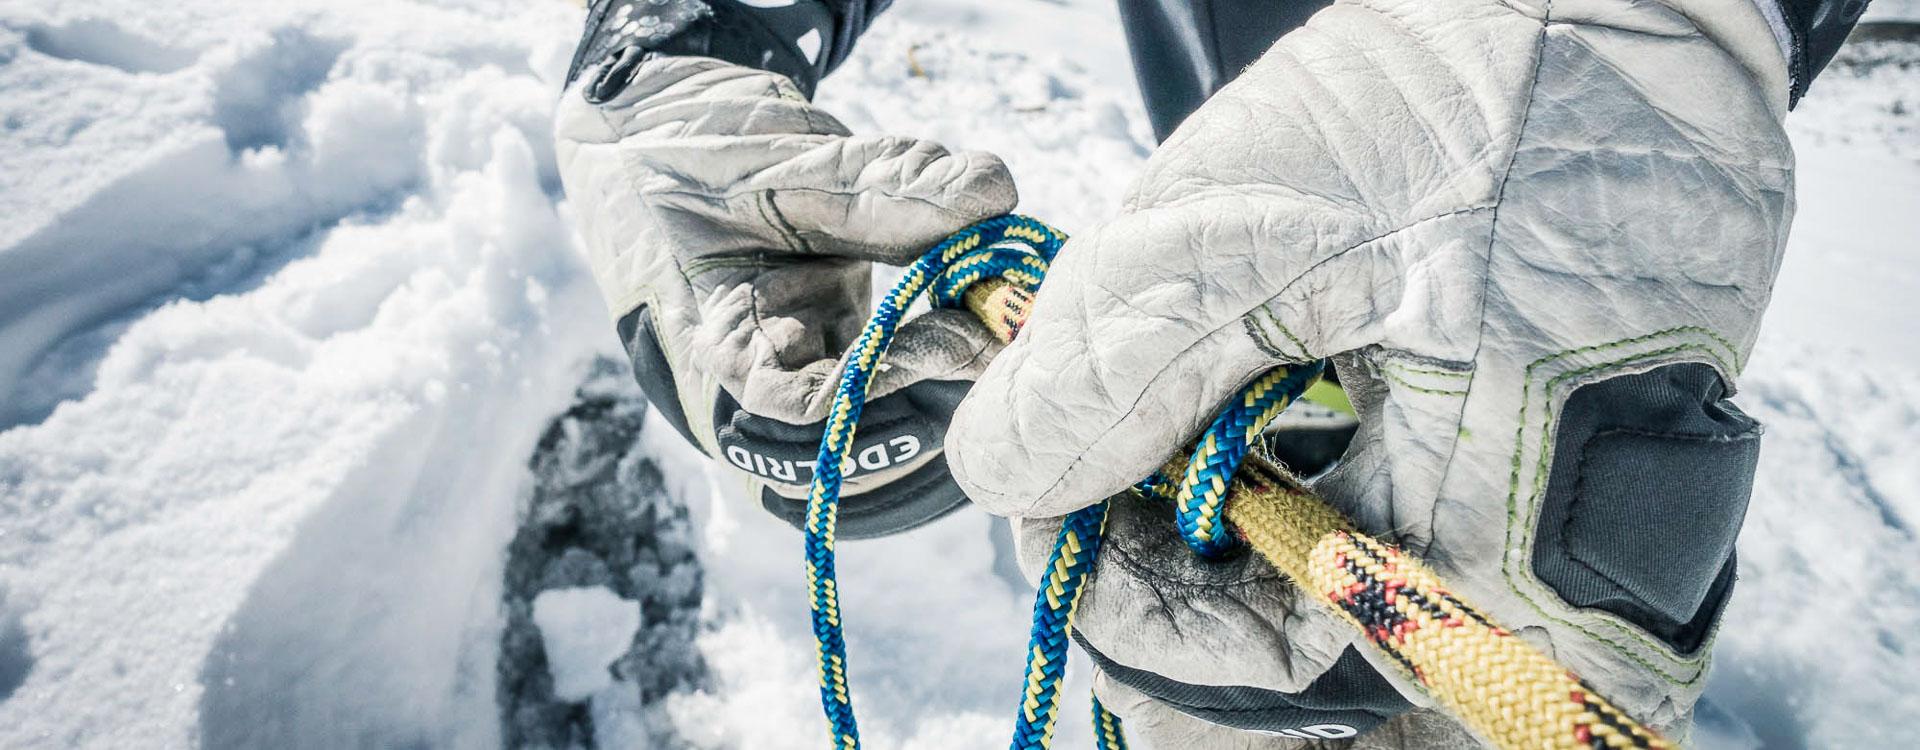 Hochtouren und Gletscherkurse fuer Einsteiger